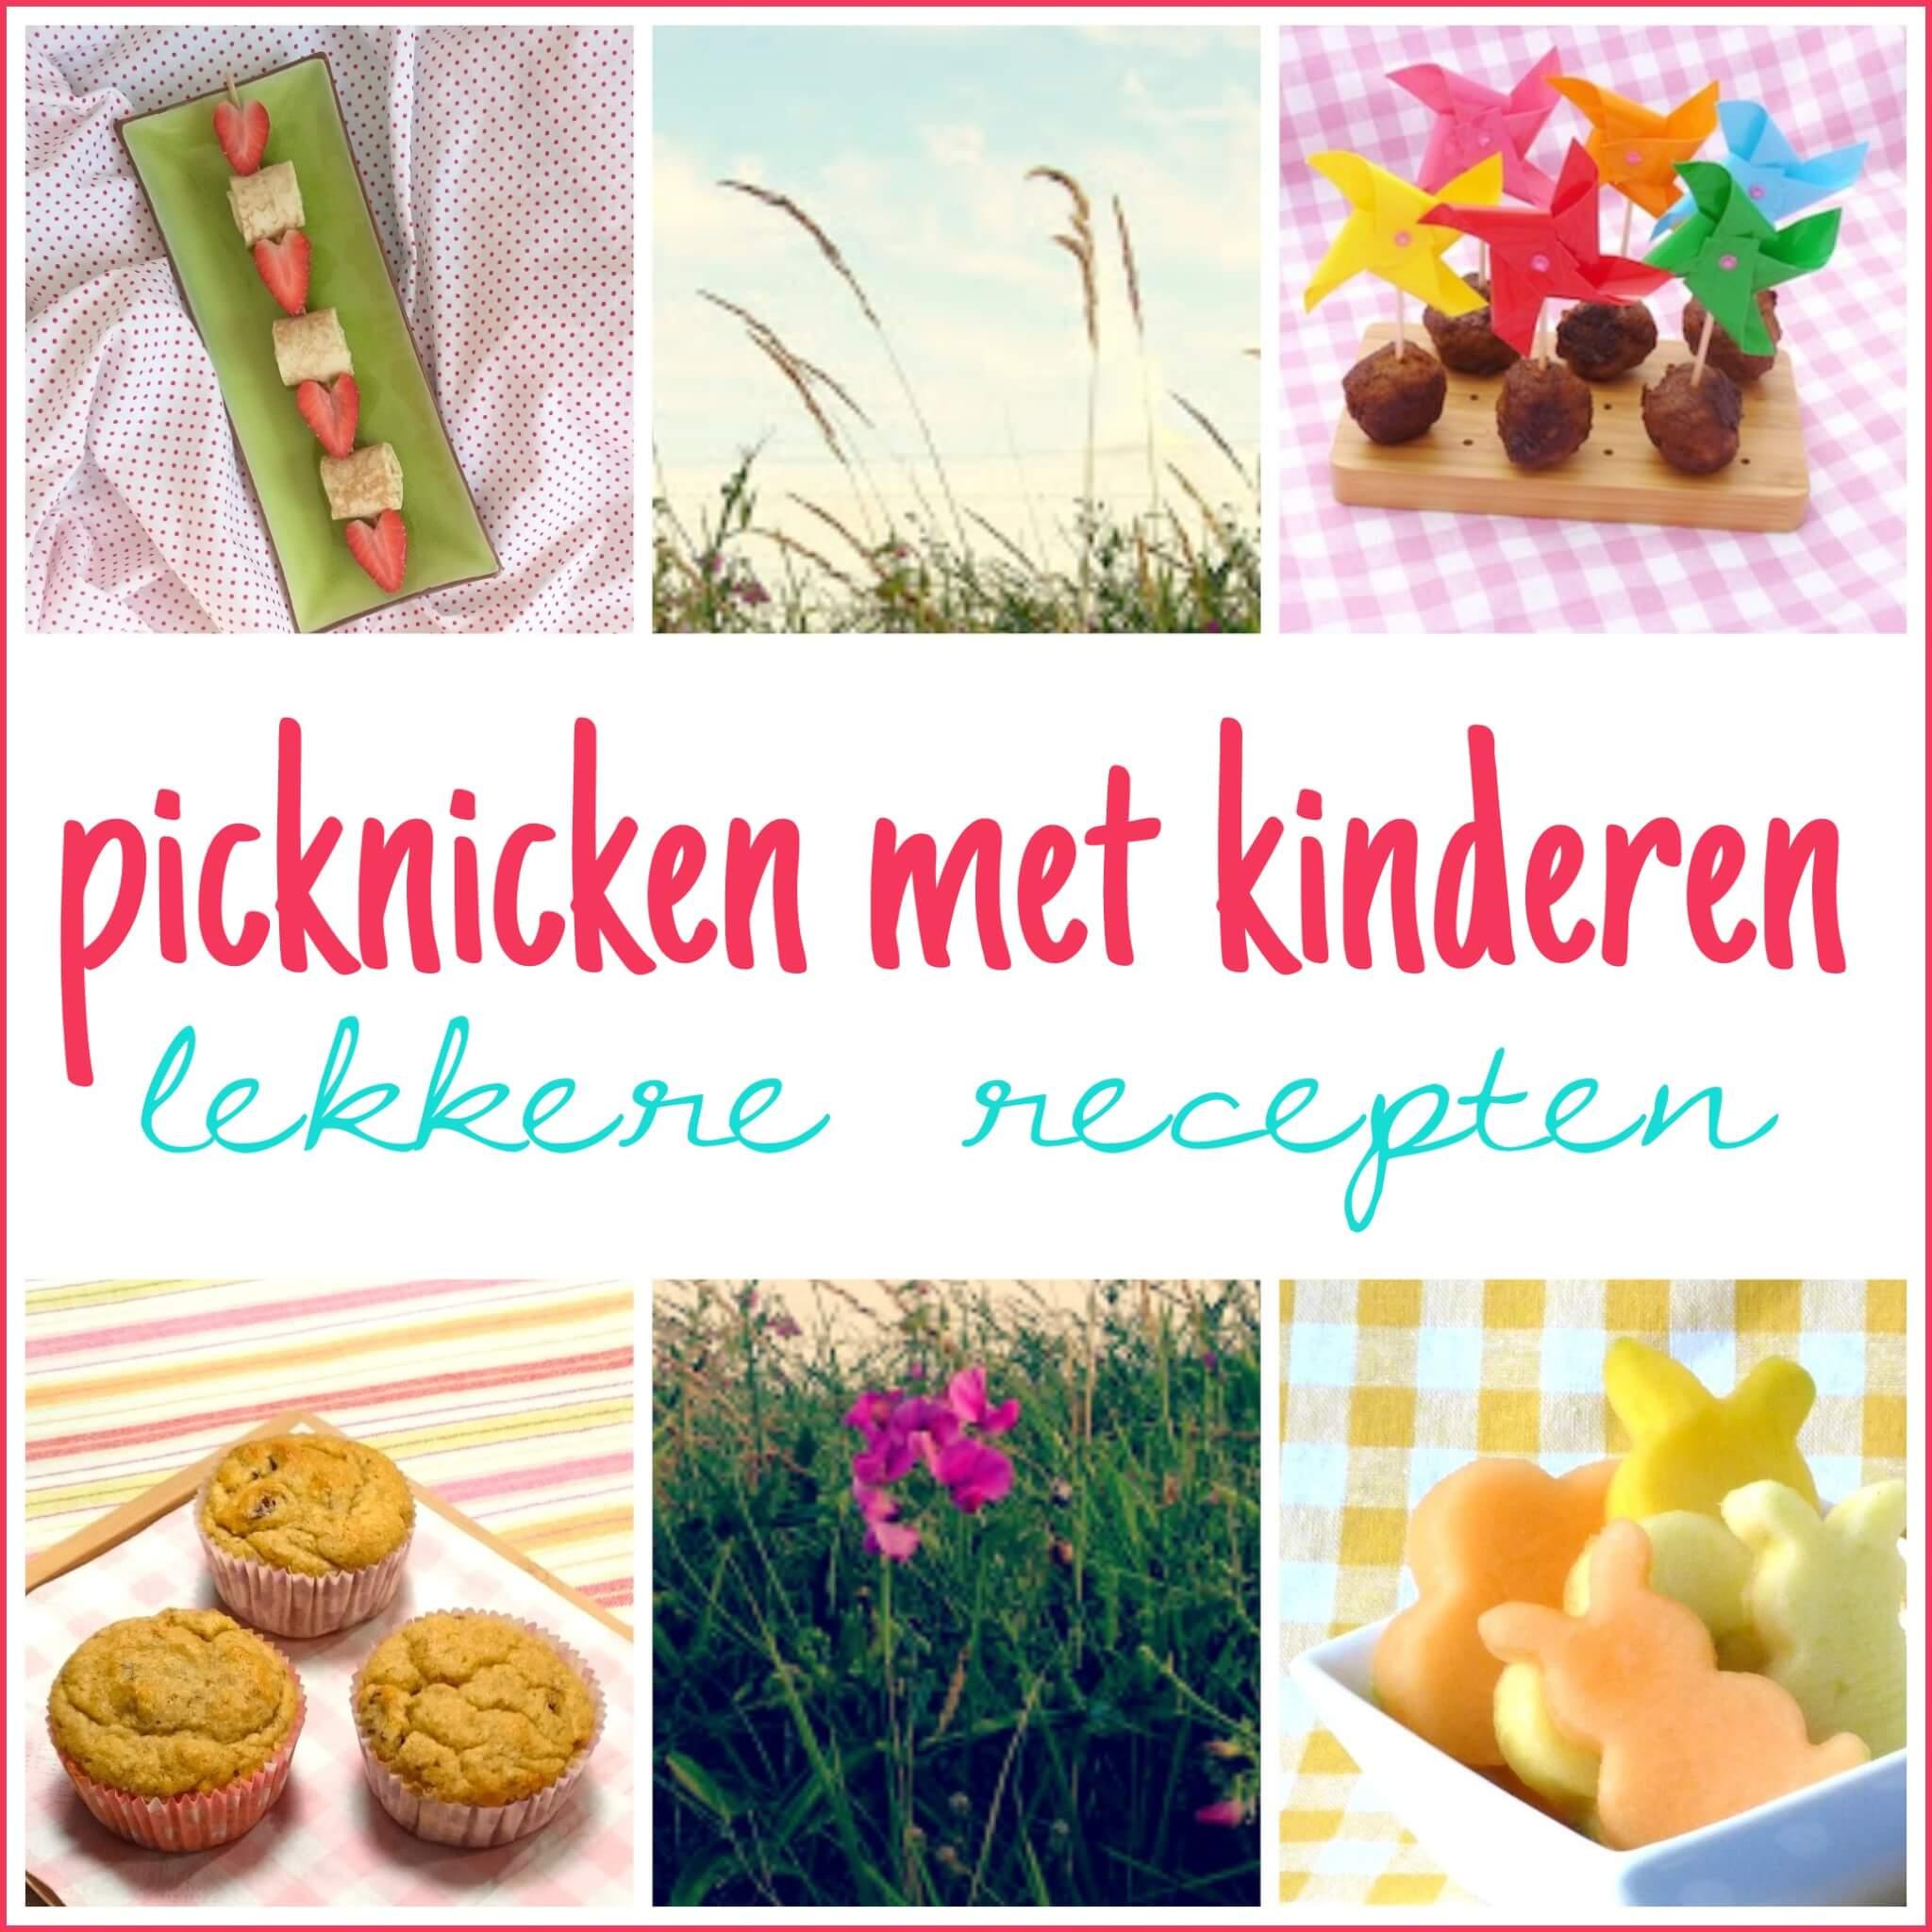 picknicken met kinderen lekkere recepten